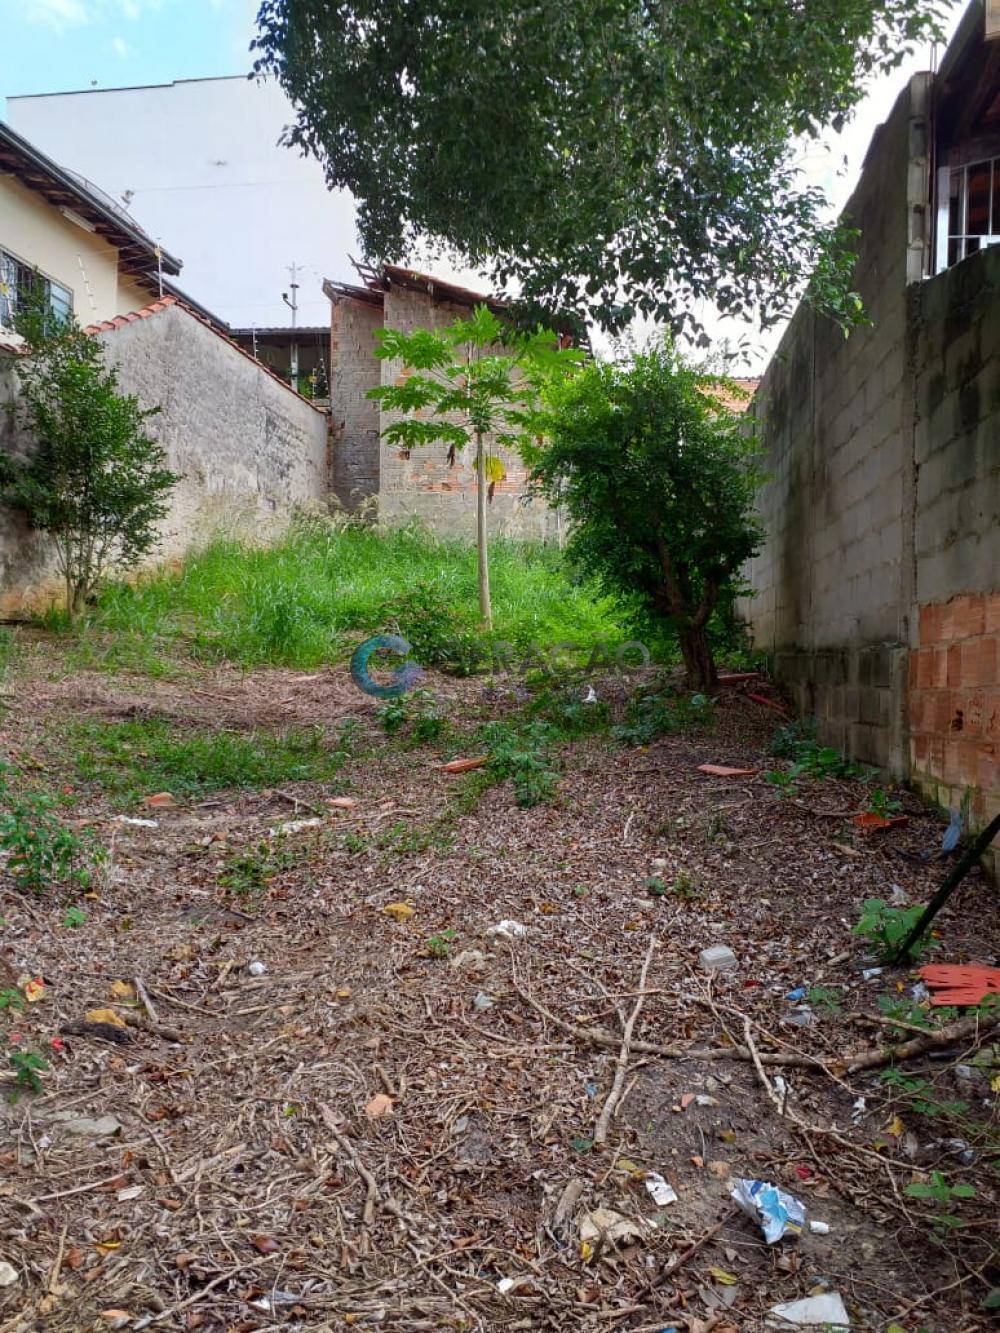 Comprar Terreno / Padrão em São José dos Campos R$ 213.000,00 - Foto 1